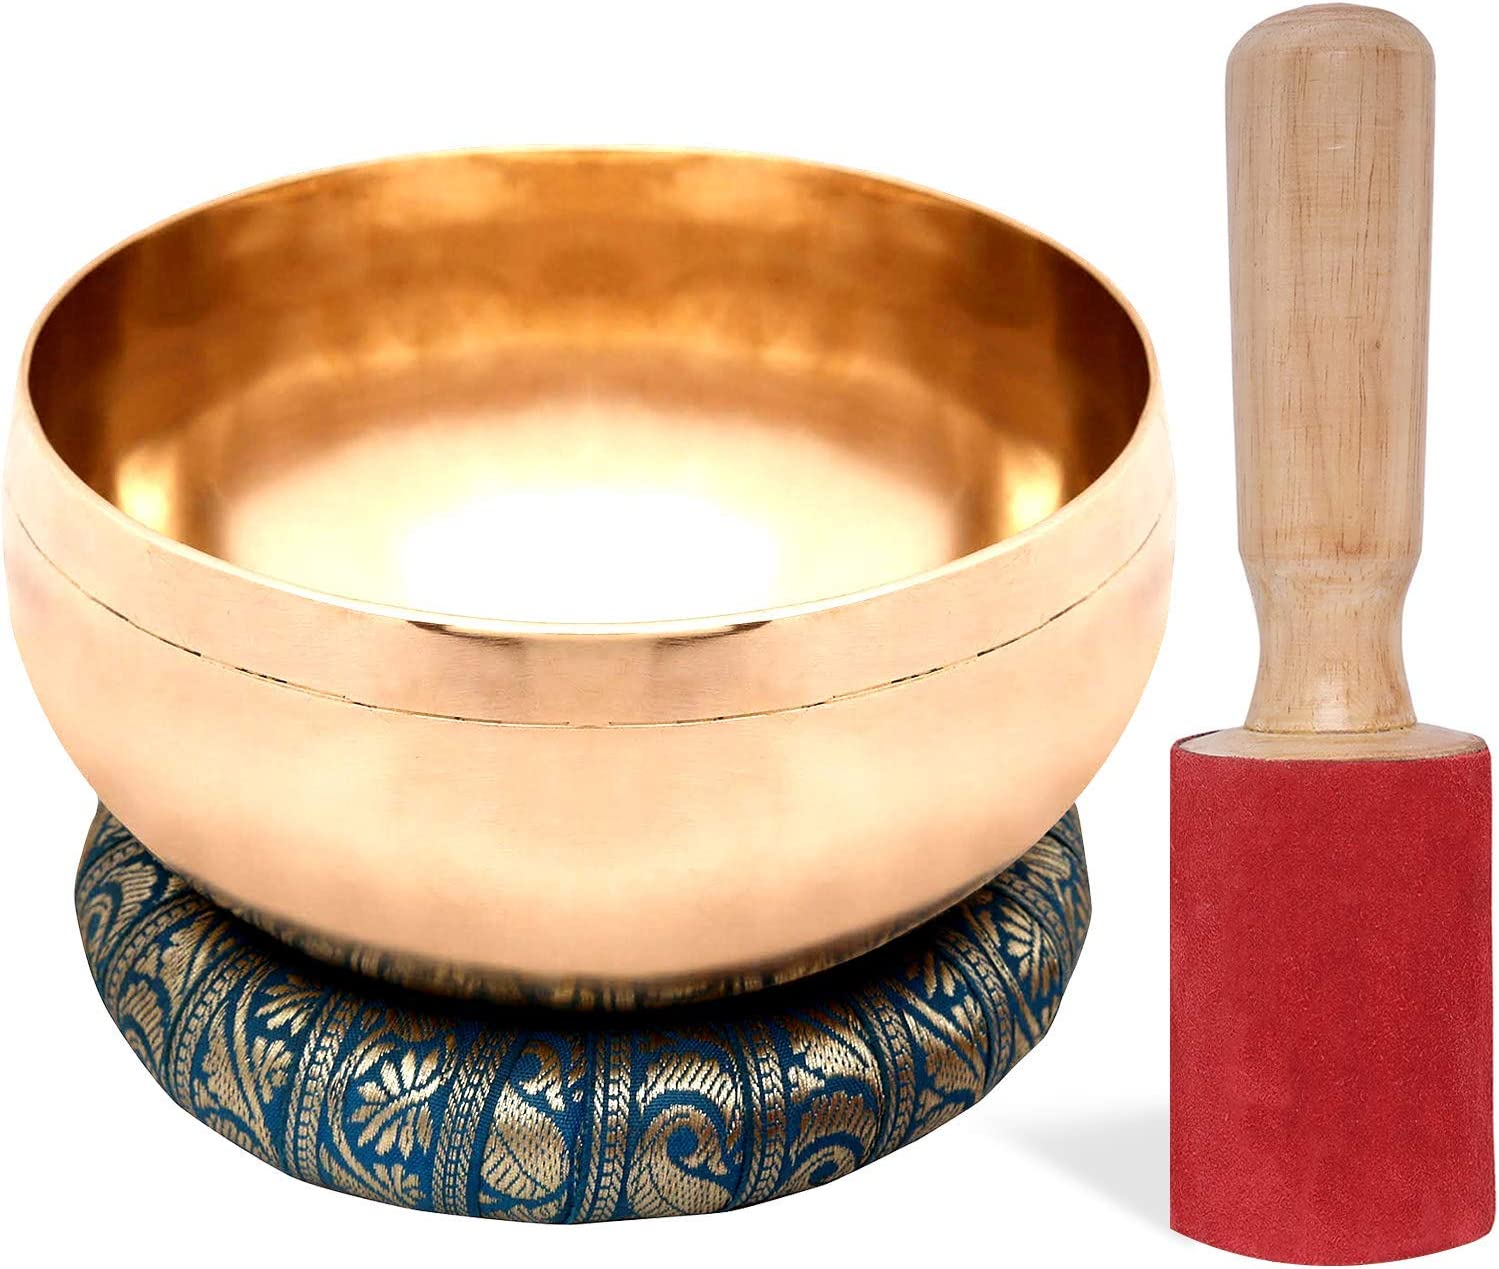 Meditation bowl